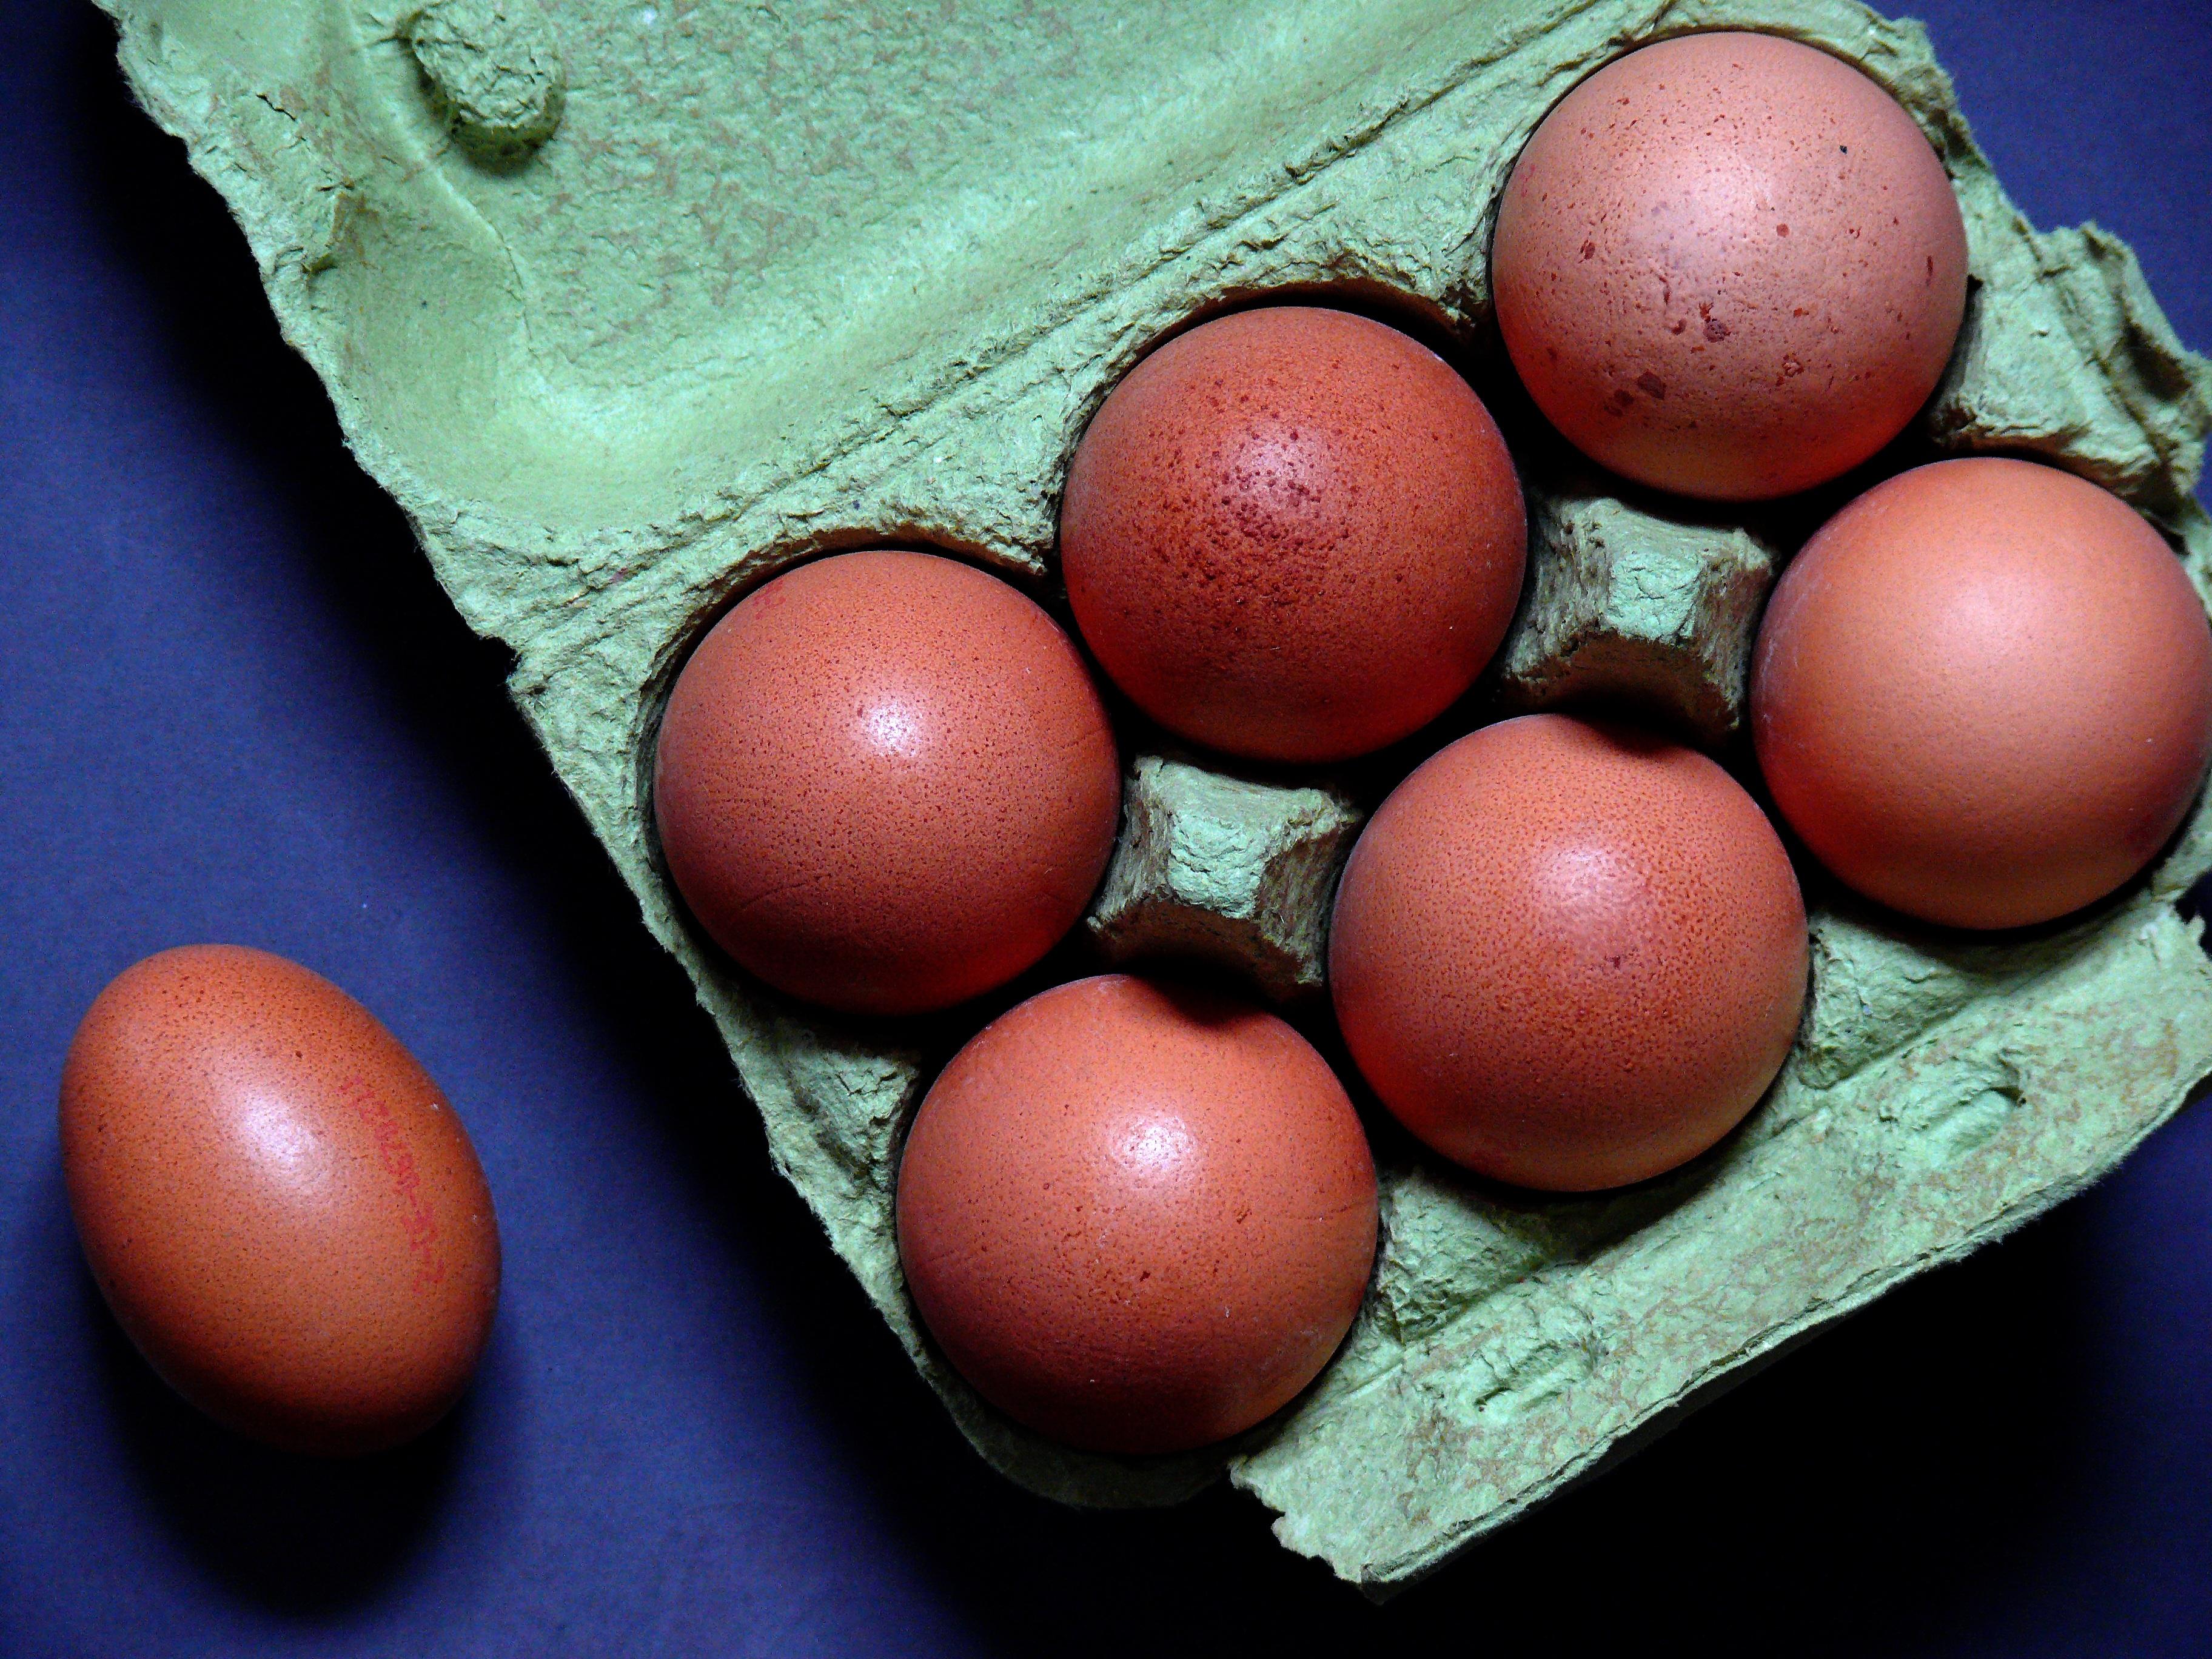 näring i ägg